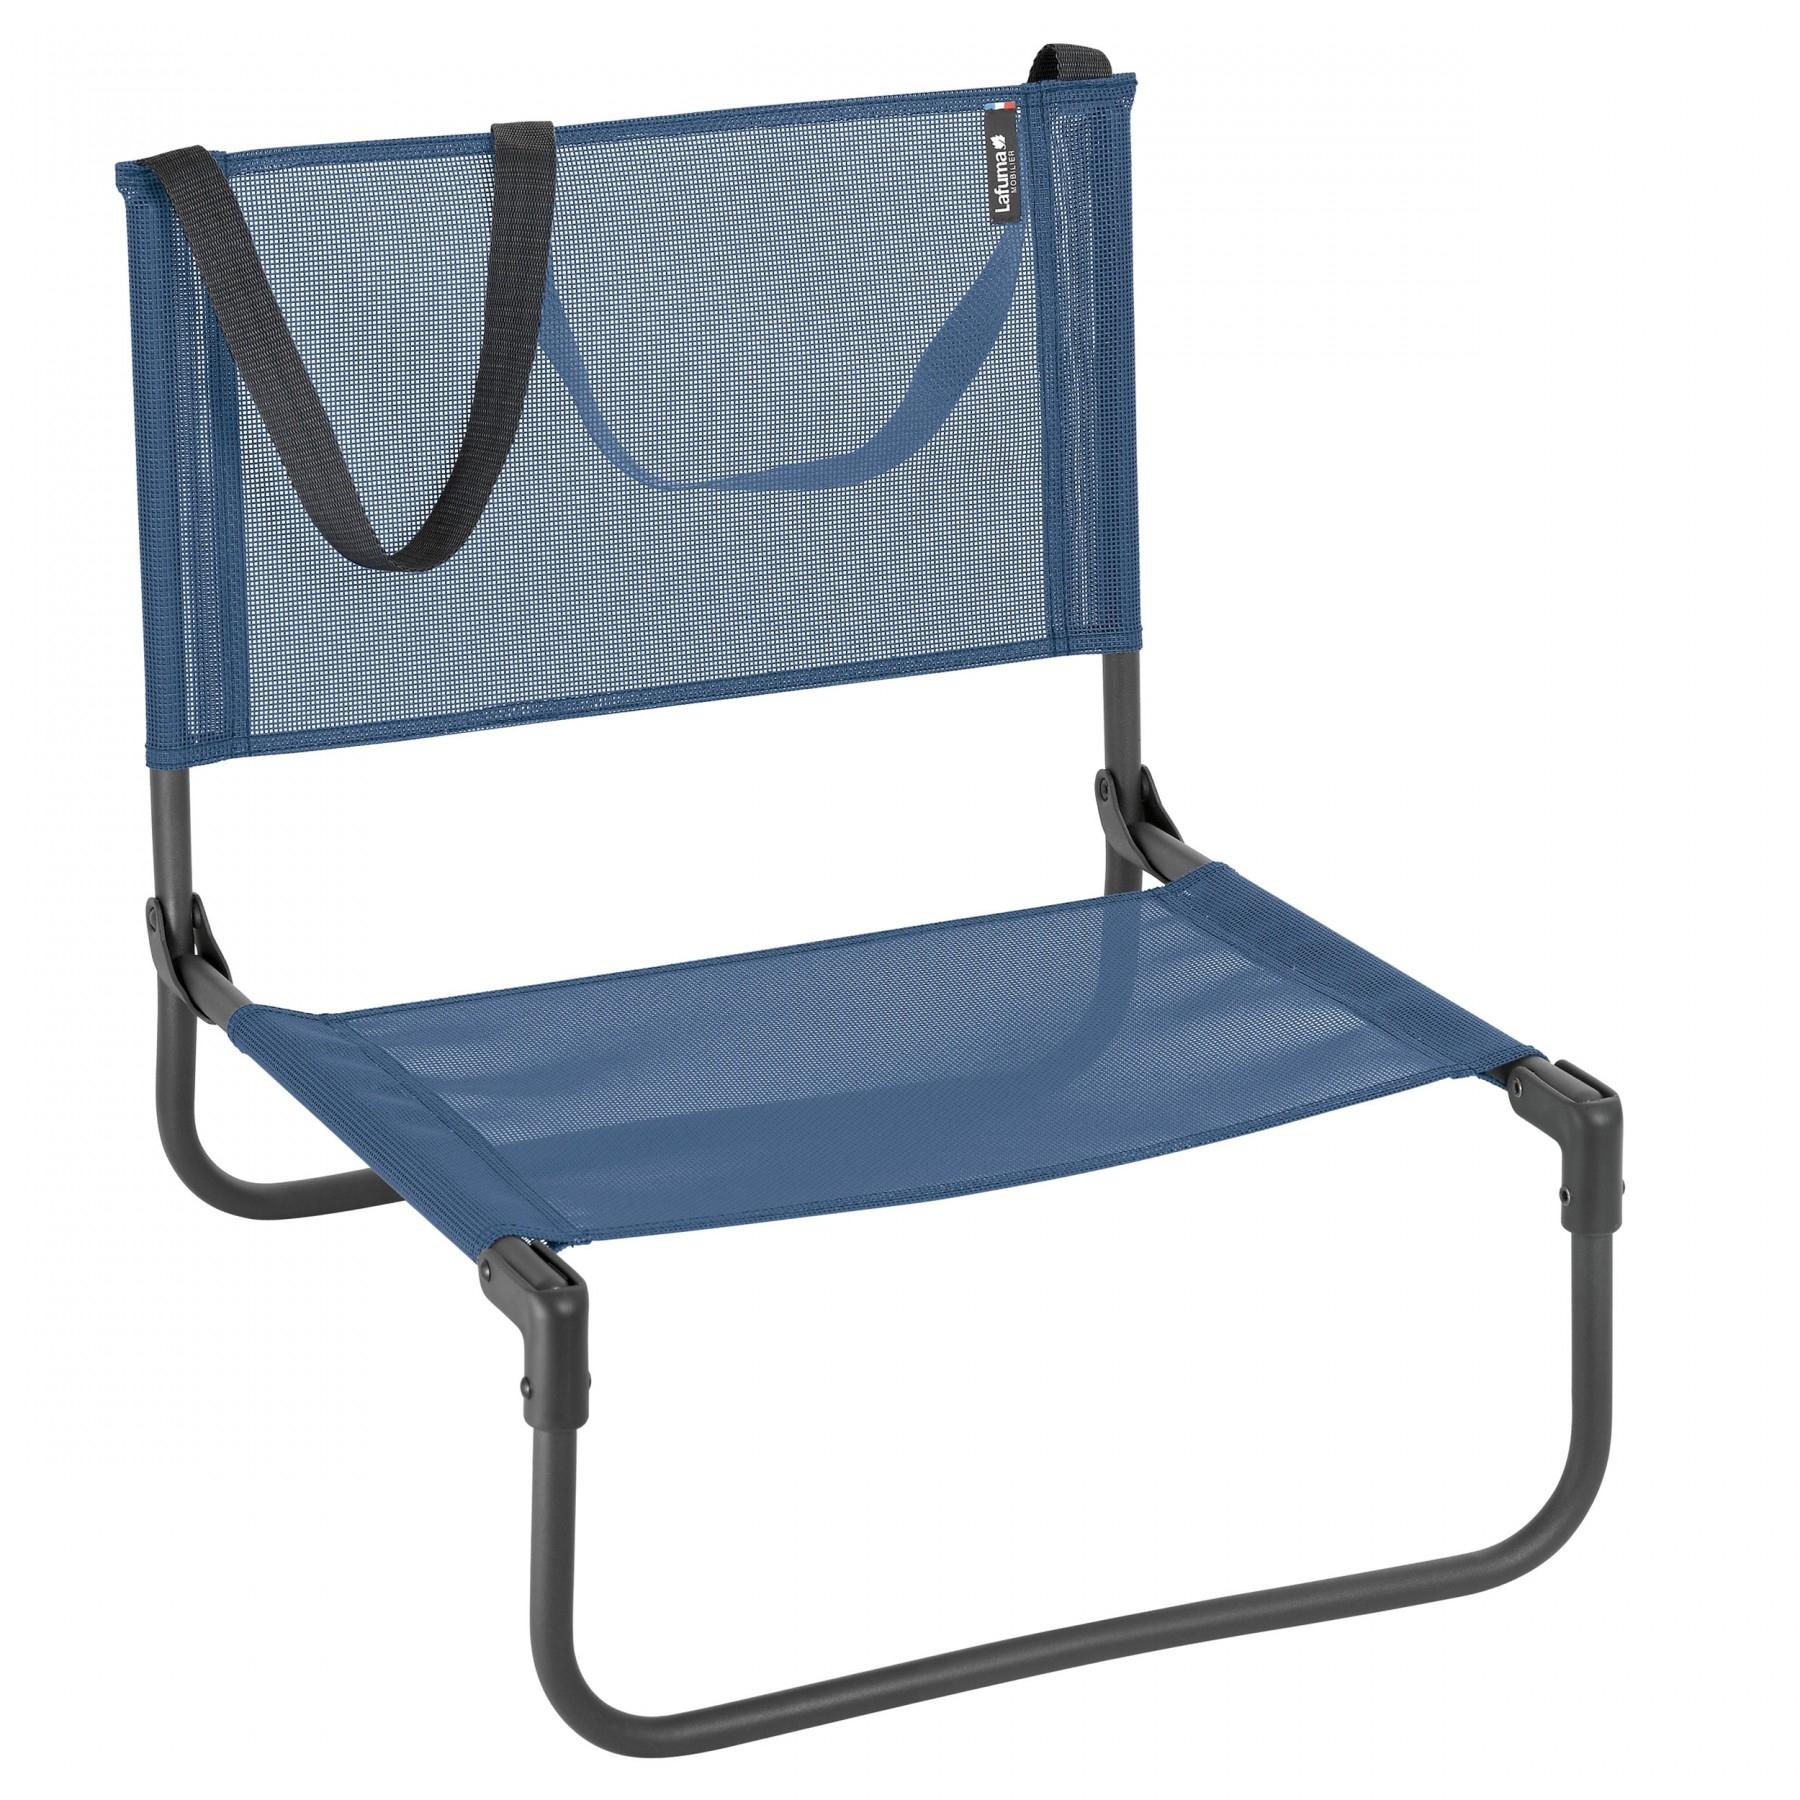 Chaise Basse Cb concernant Chaise Basse De Jardin